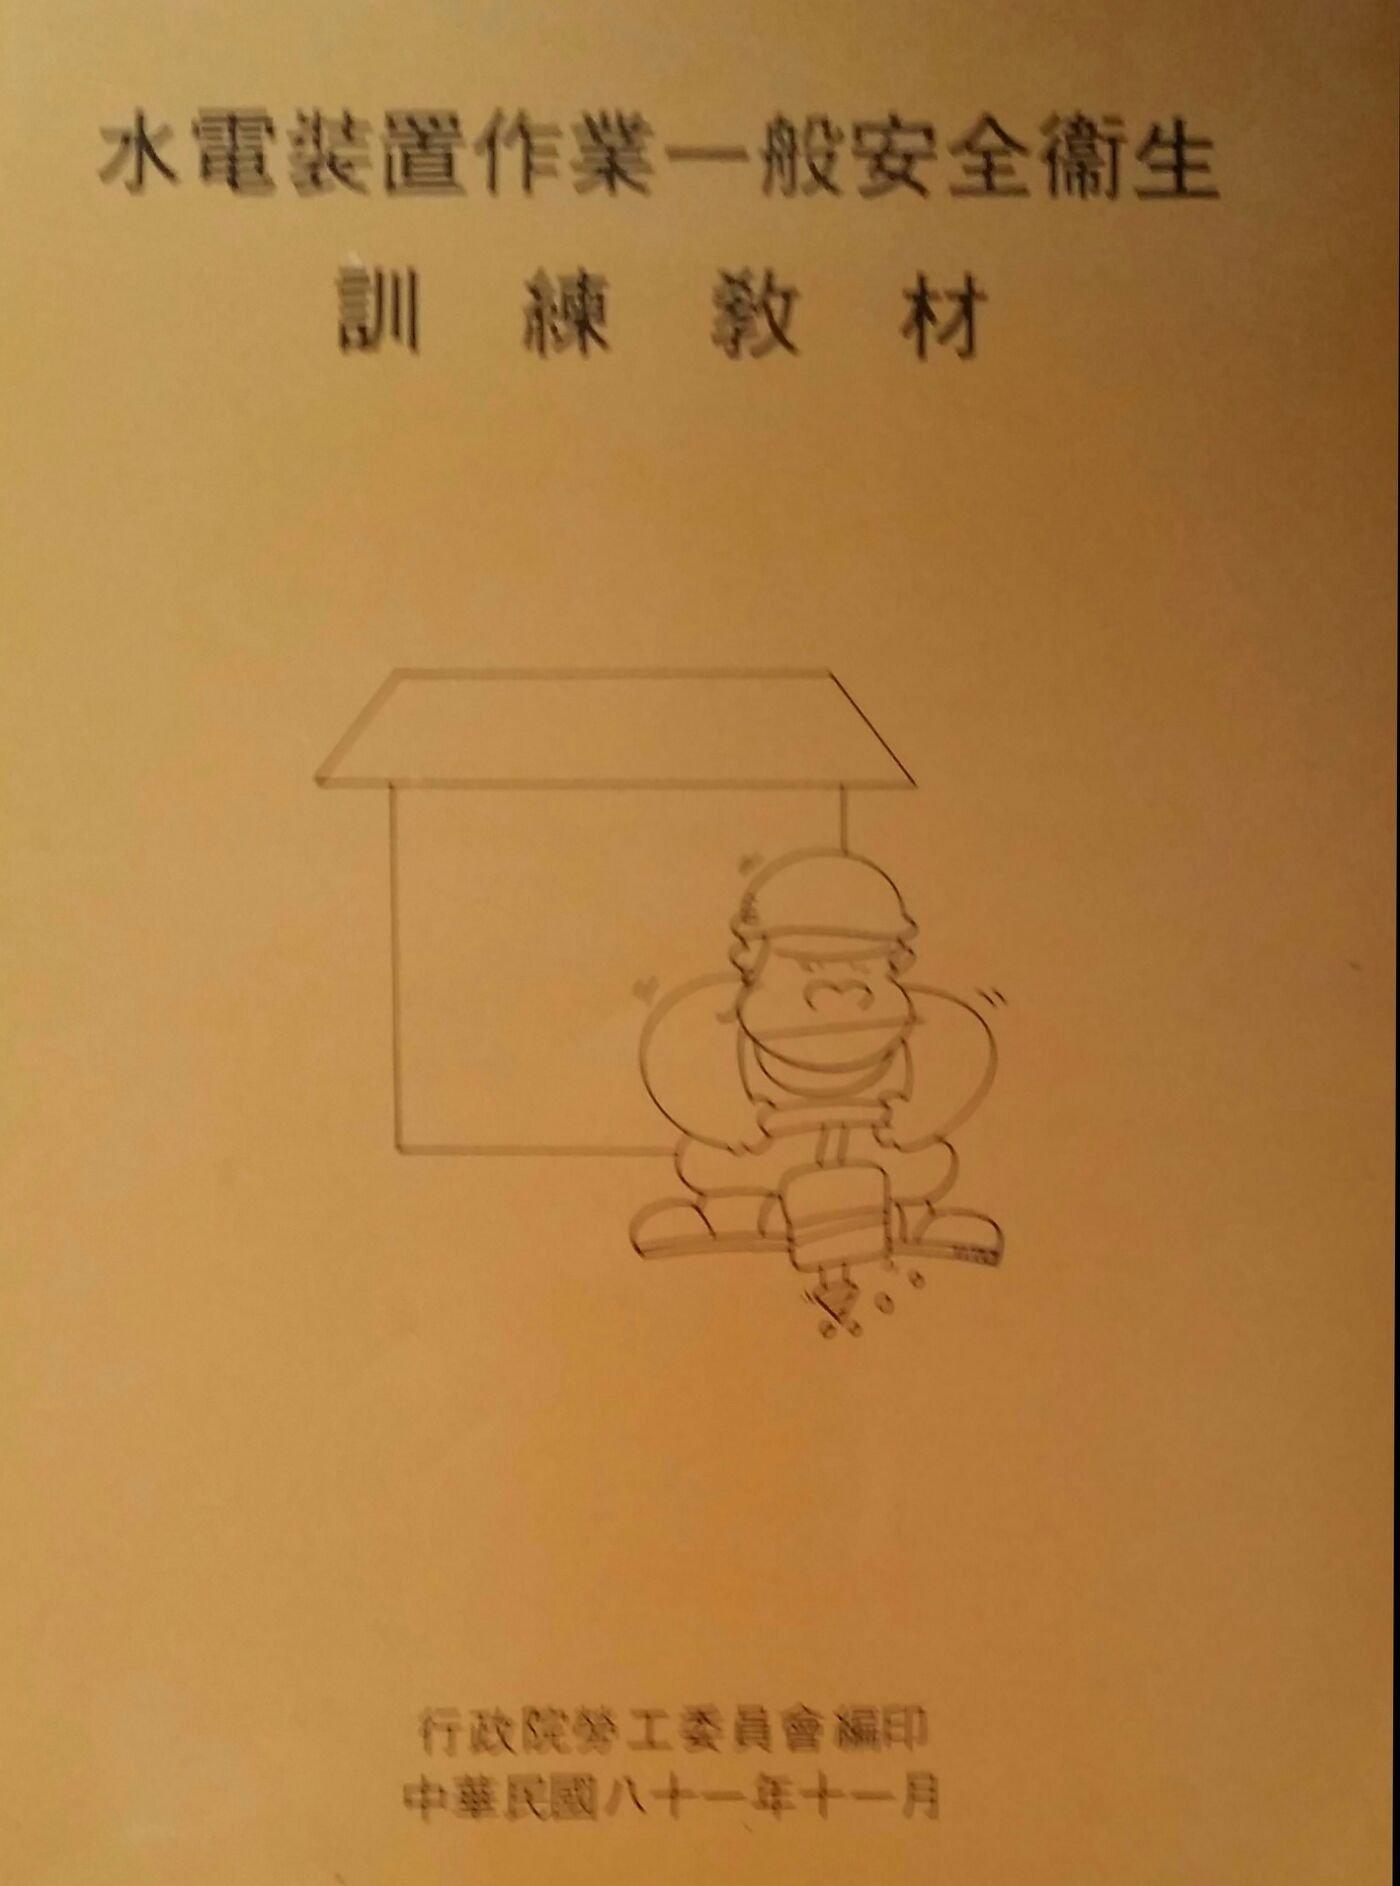 *水電裝置作業 一般安全衛生* 訓練教材 行政院勞委會編印 1992年絕版二手書